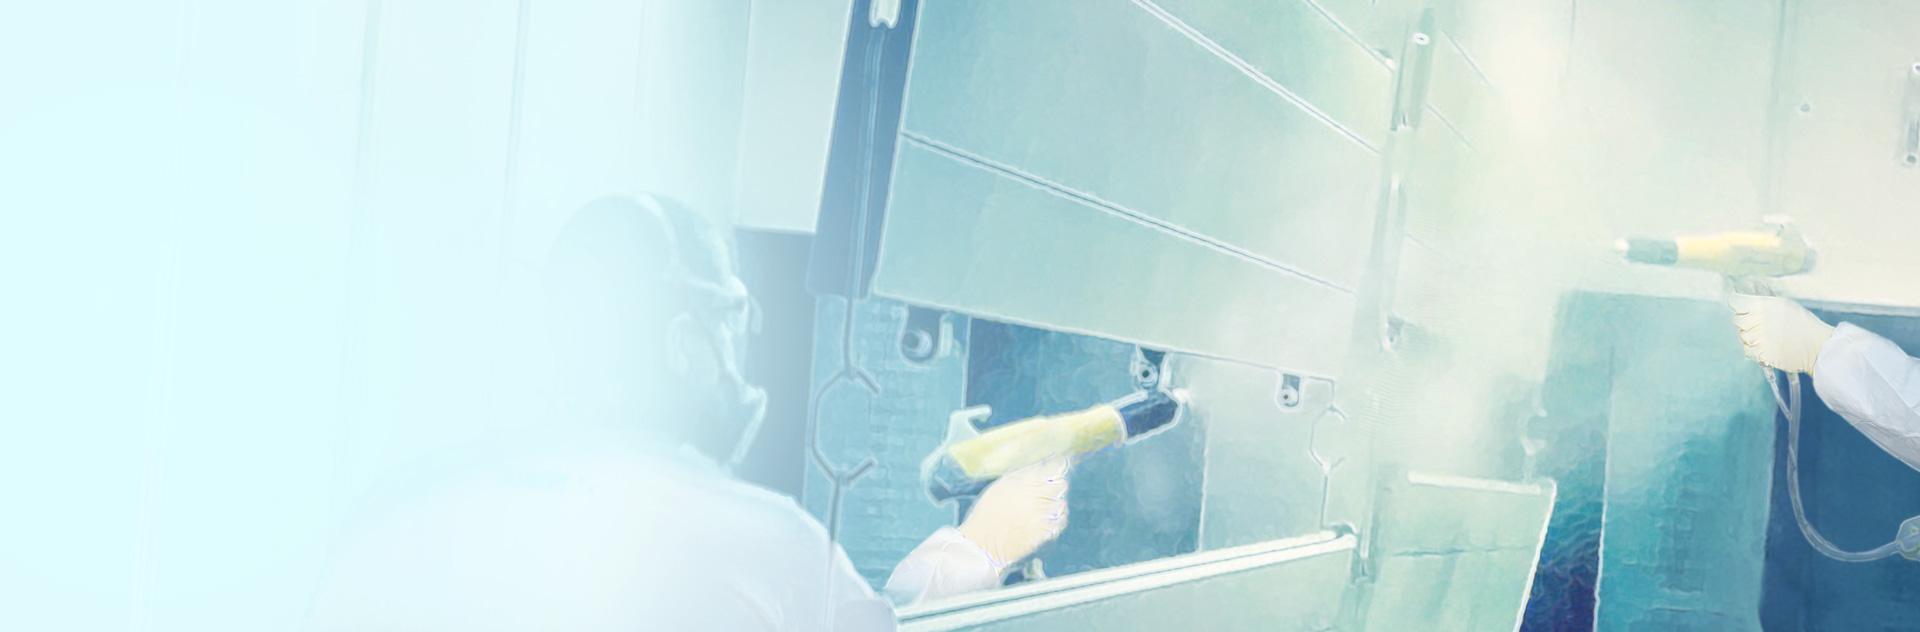 Timest peinture industrielle poudre